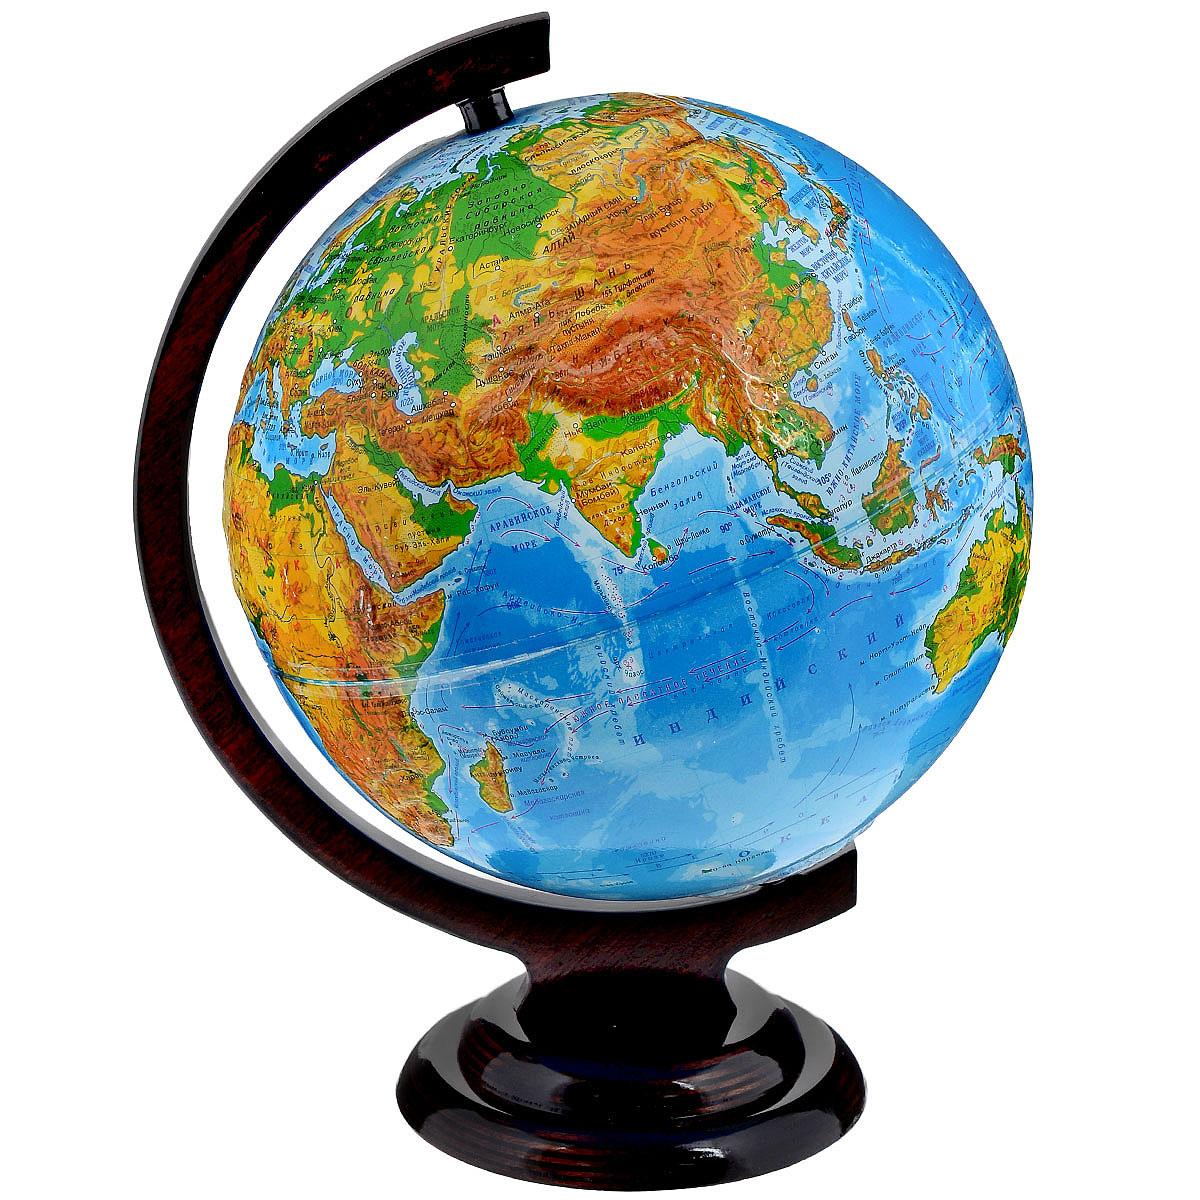 Глобусный мир Глобус с физической картой, рельефный, диаметр 25 см, на деревянной подставке Глобусный мир